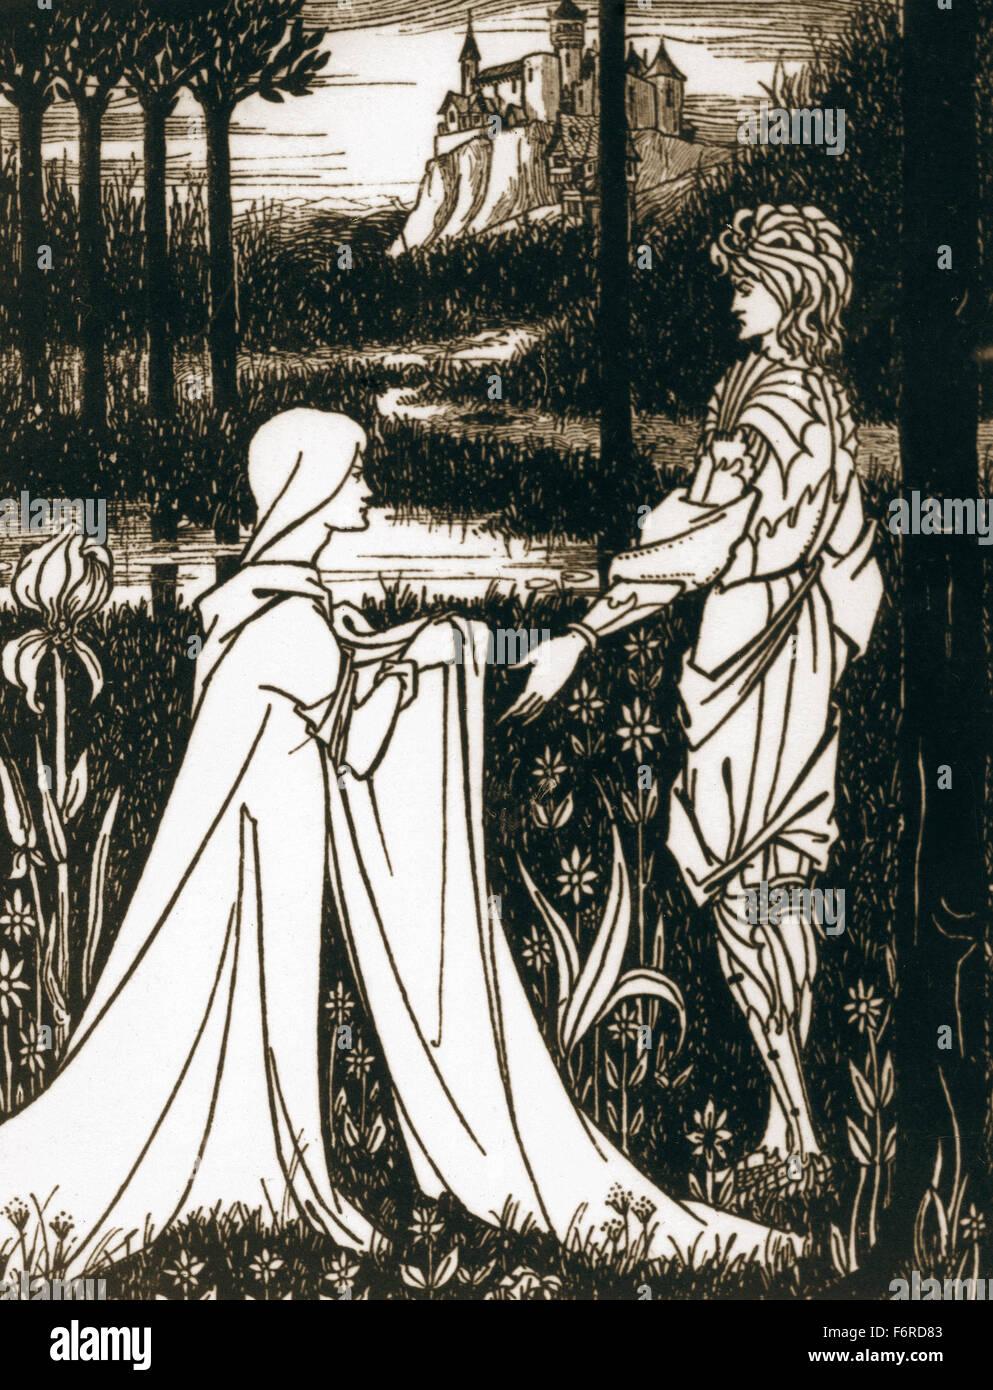 Artus-Legende. König Artus und die Dame des Sees. Gravur. des 19. Jahrhunderts. Stockbild